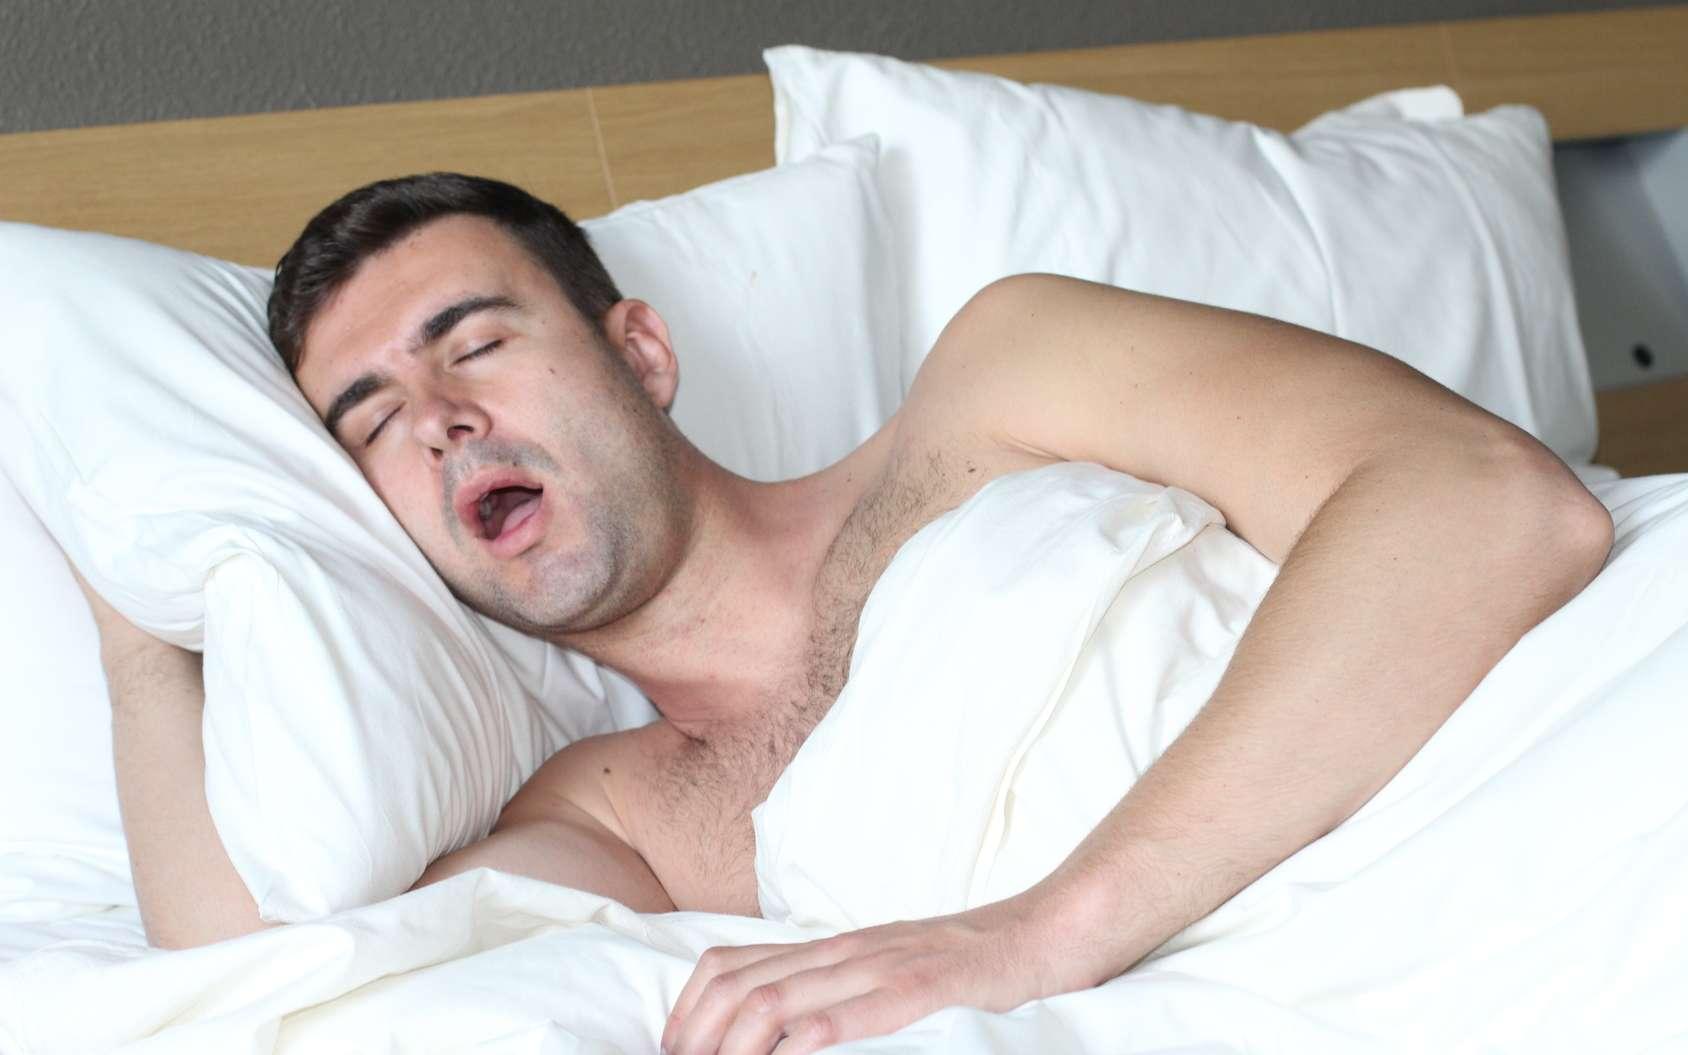 Le ronflement est du au relâchement des muscles de la gorge durant le sommeil profond. © ajr_images, Fotolia